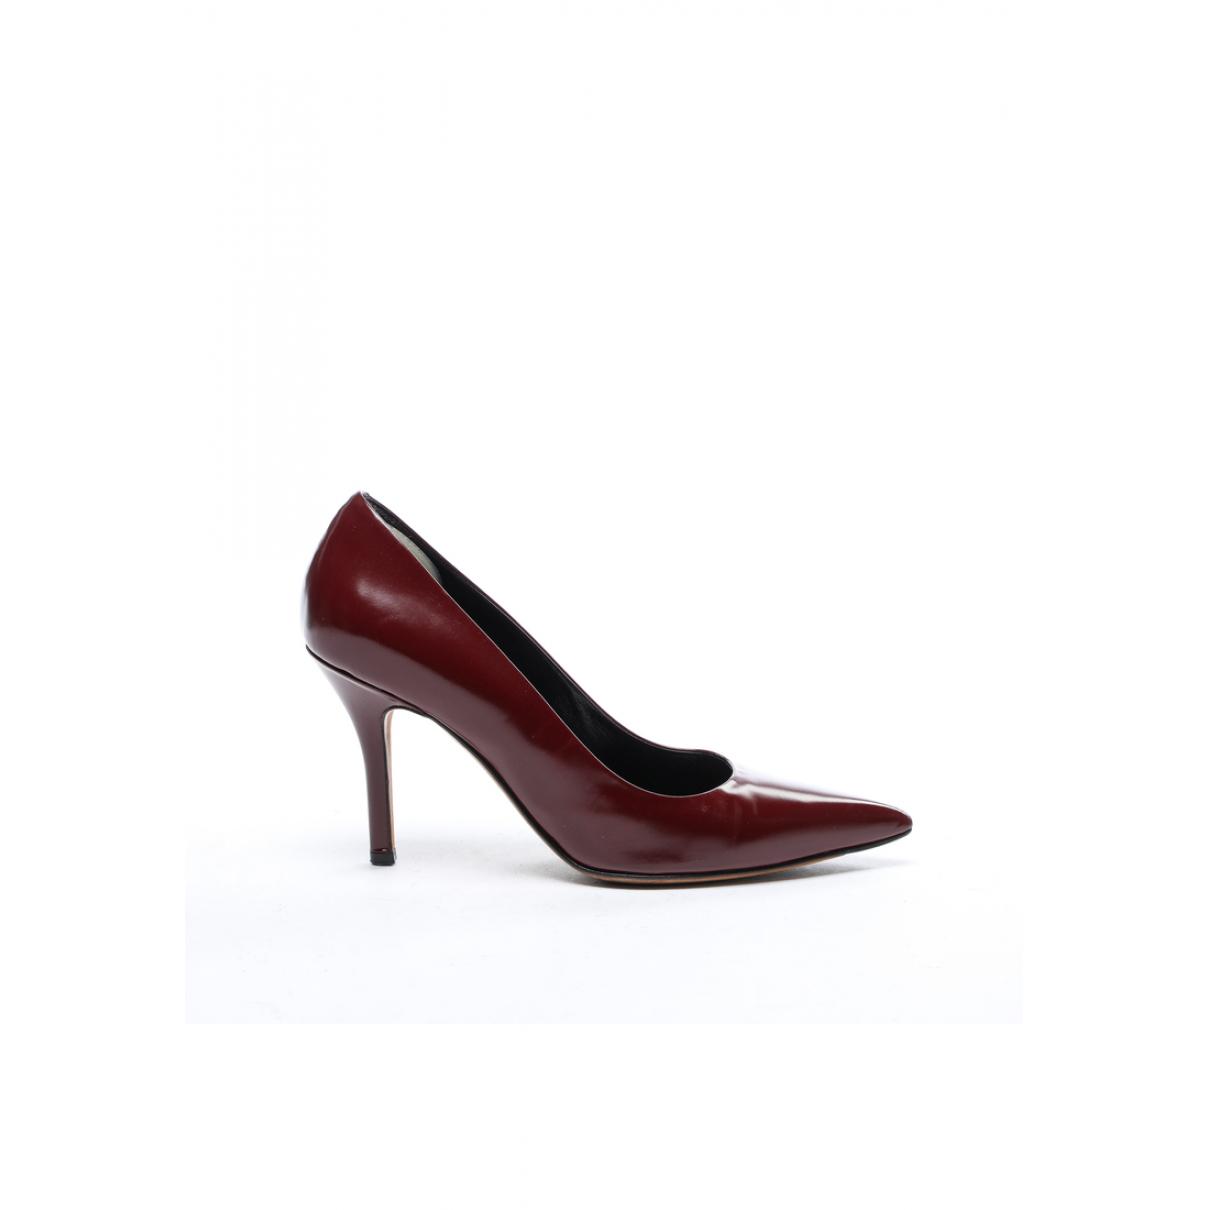 Celine - Escarpins   pour femme en cuir verni - bordeaux